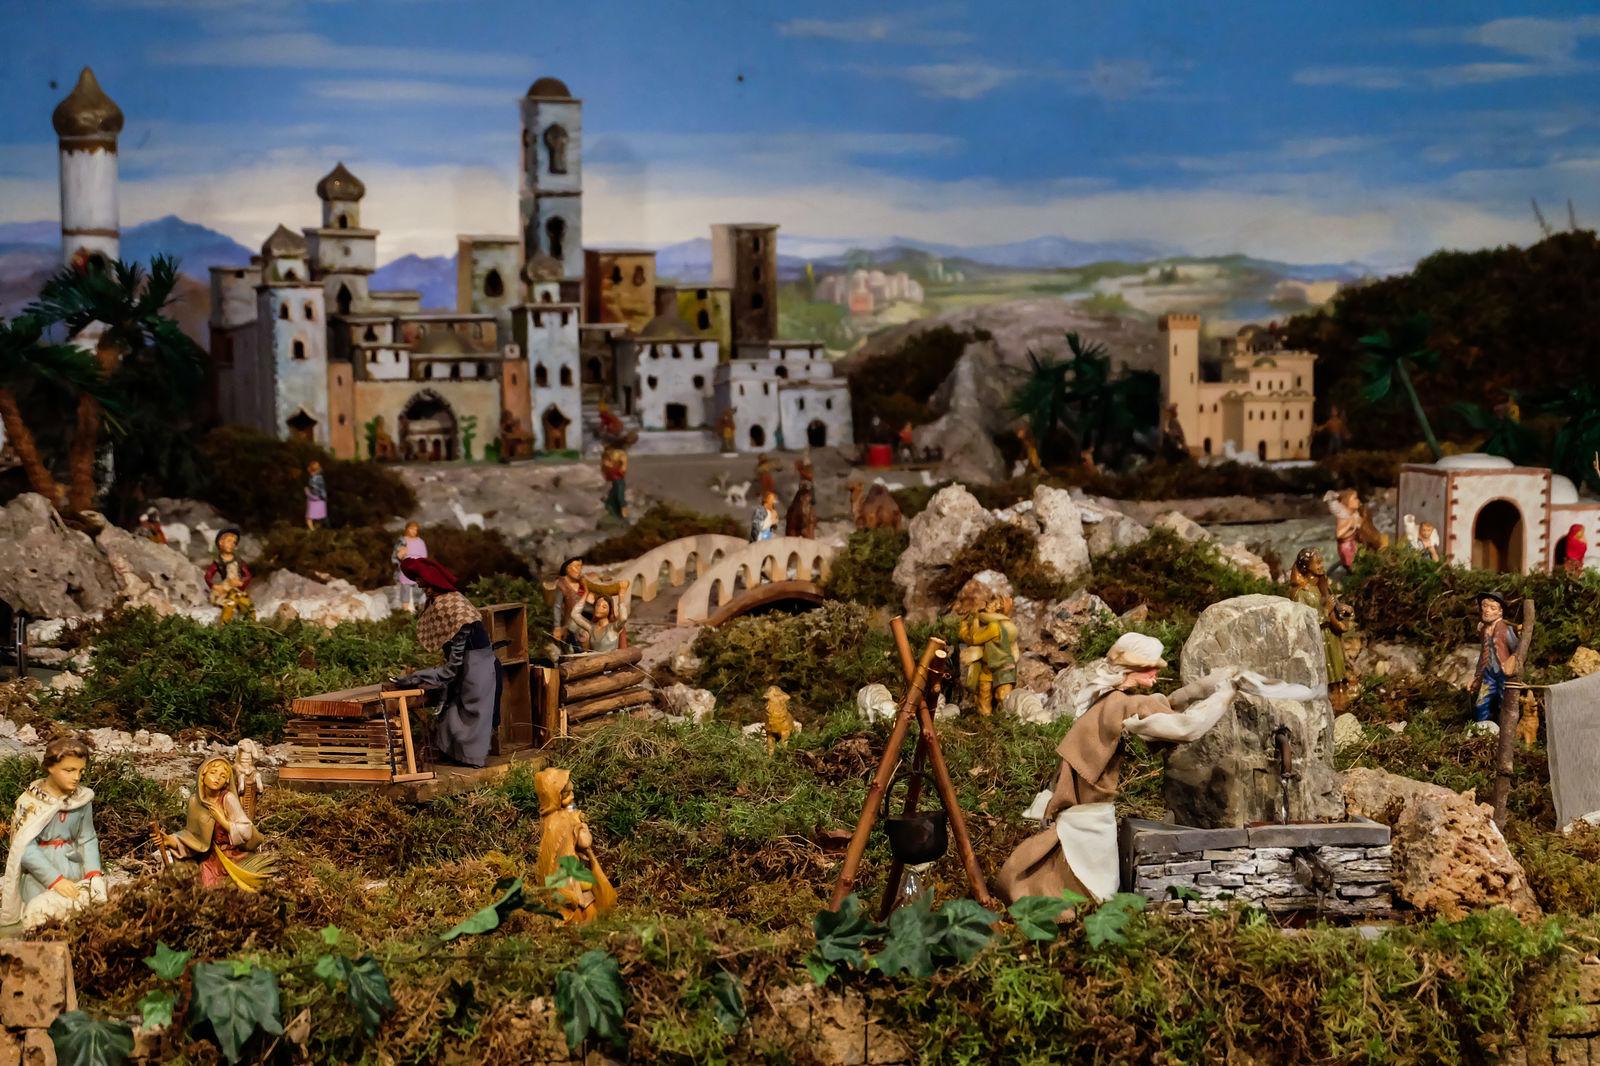 Aulla - Il presepe meccanico di Pallerone - Toscana Ovunque Bella